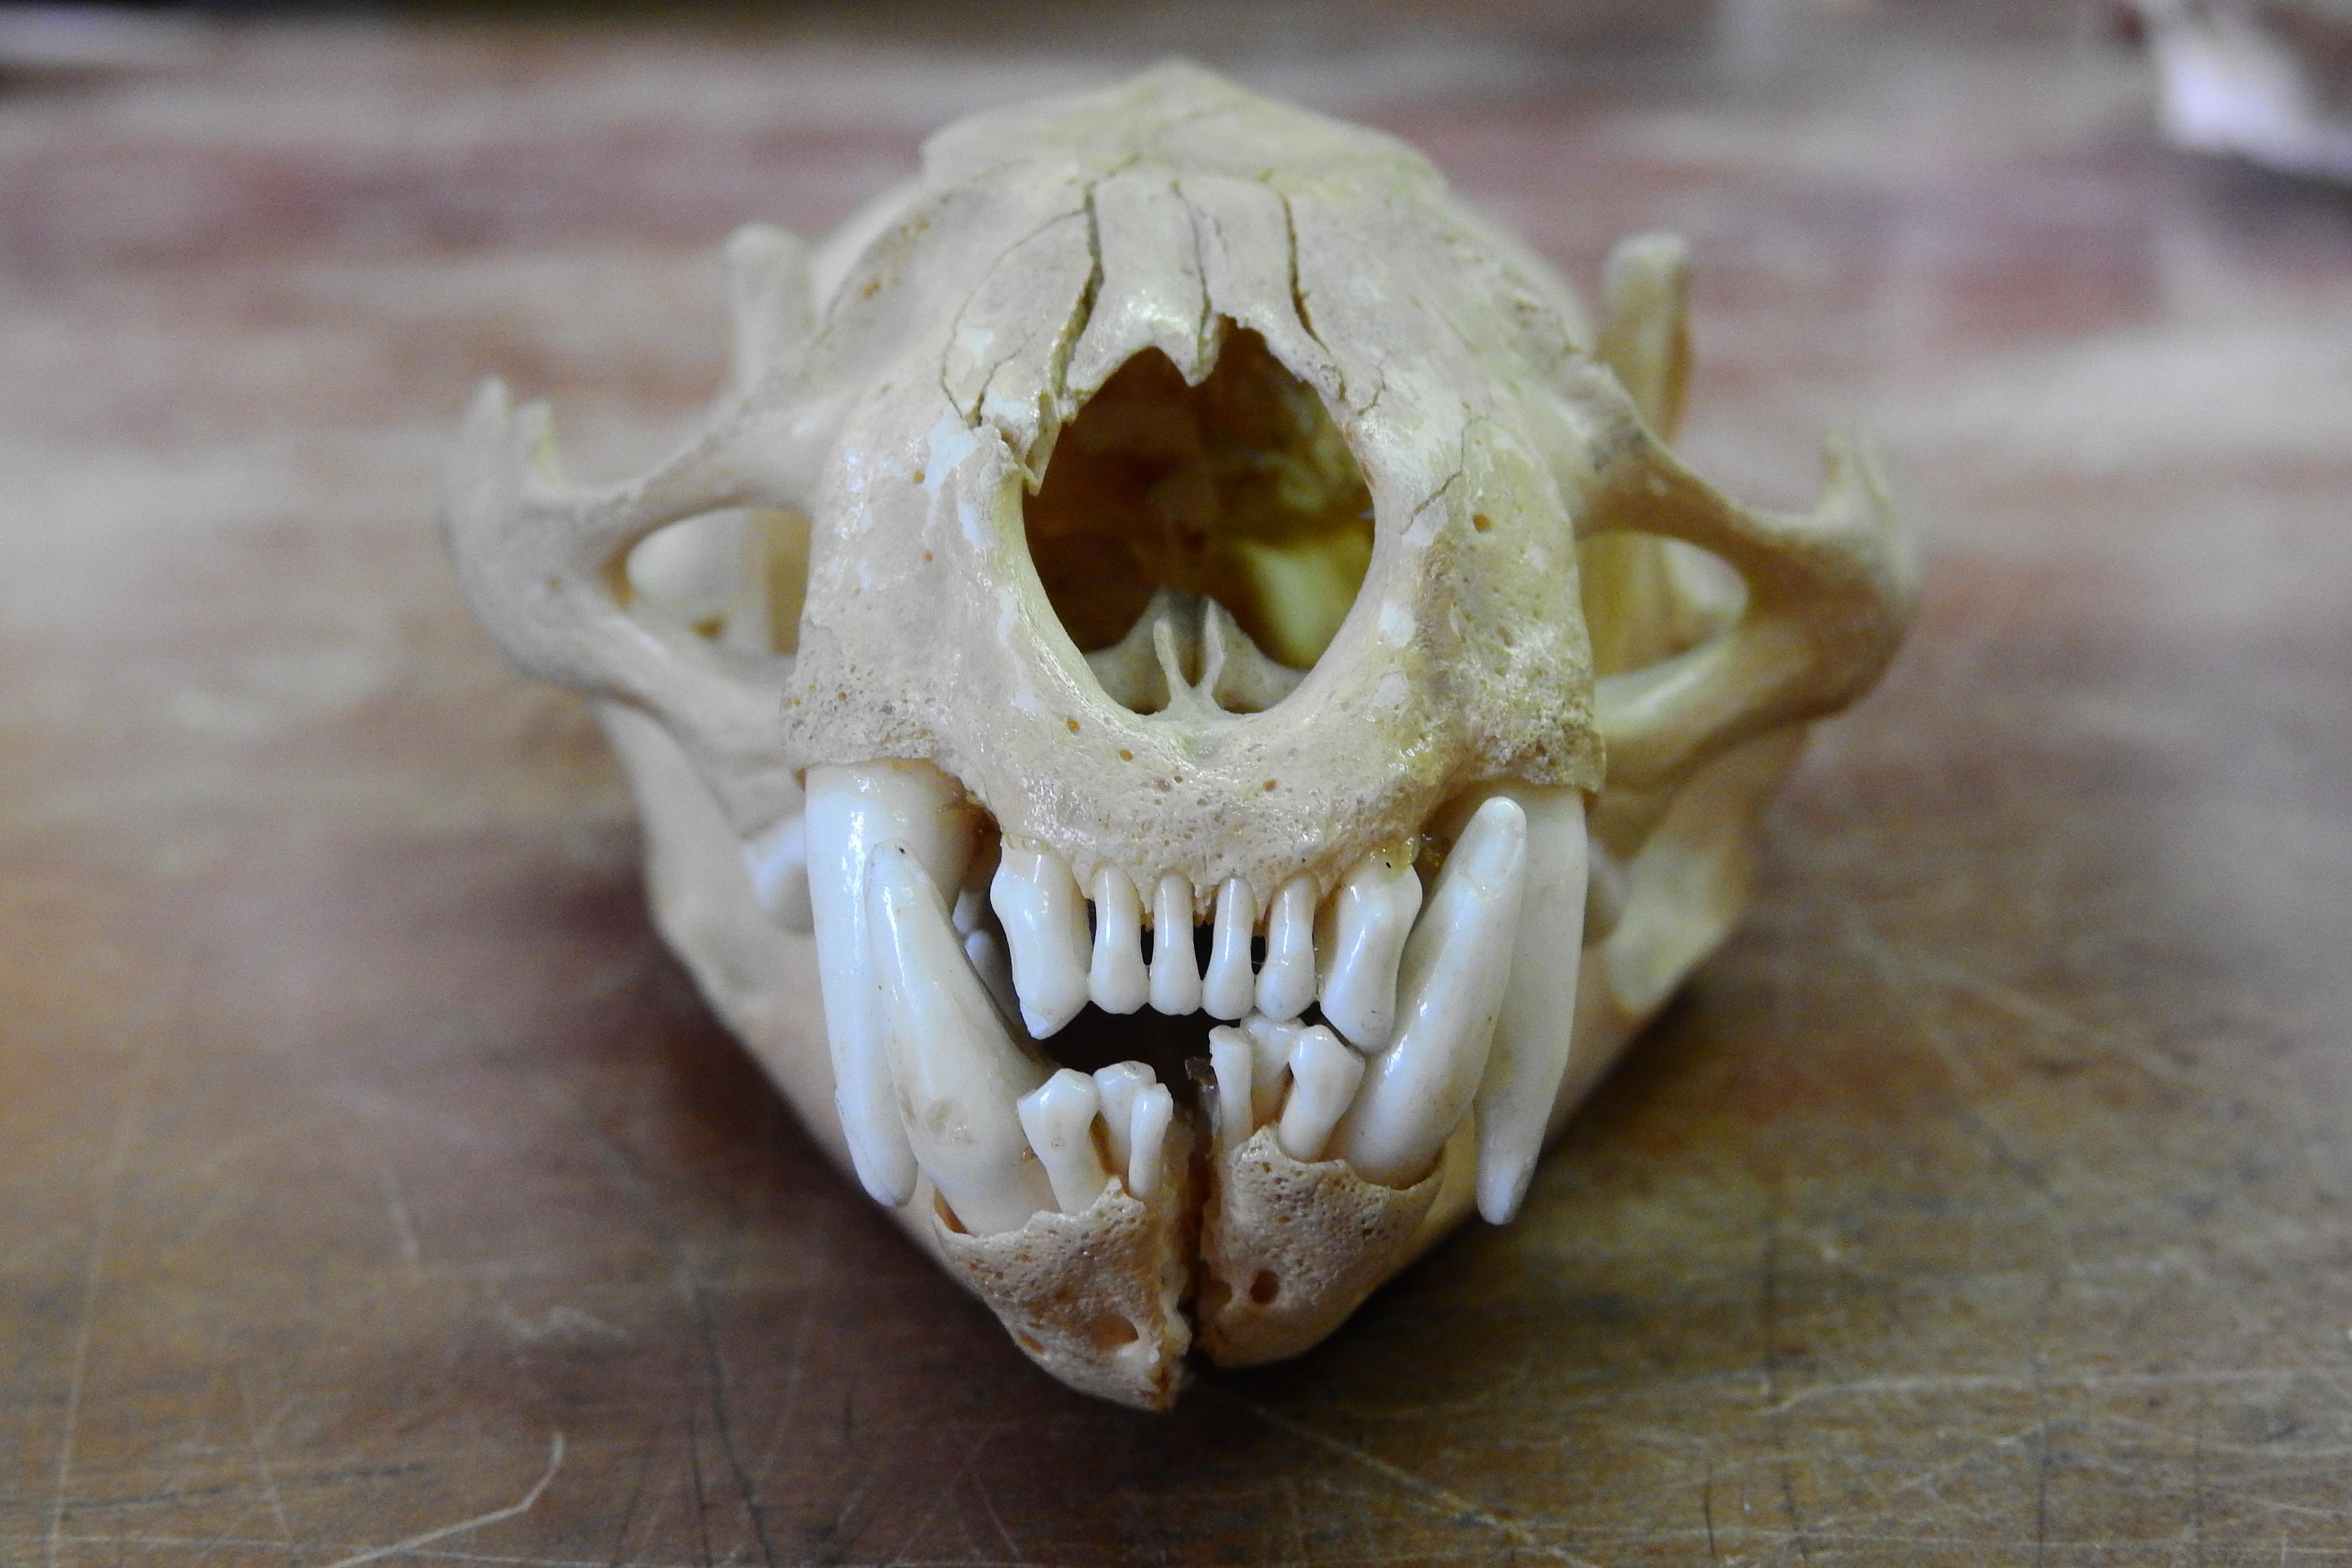 Free Images : hand, horn, feline, skull, bone, human body